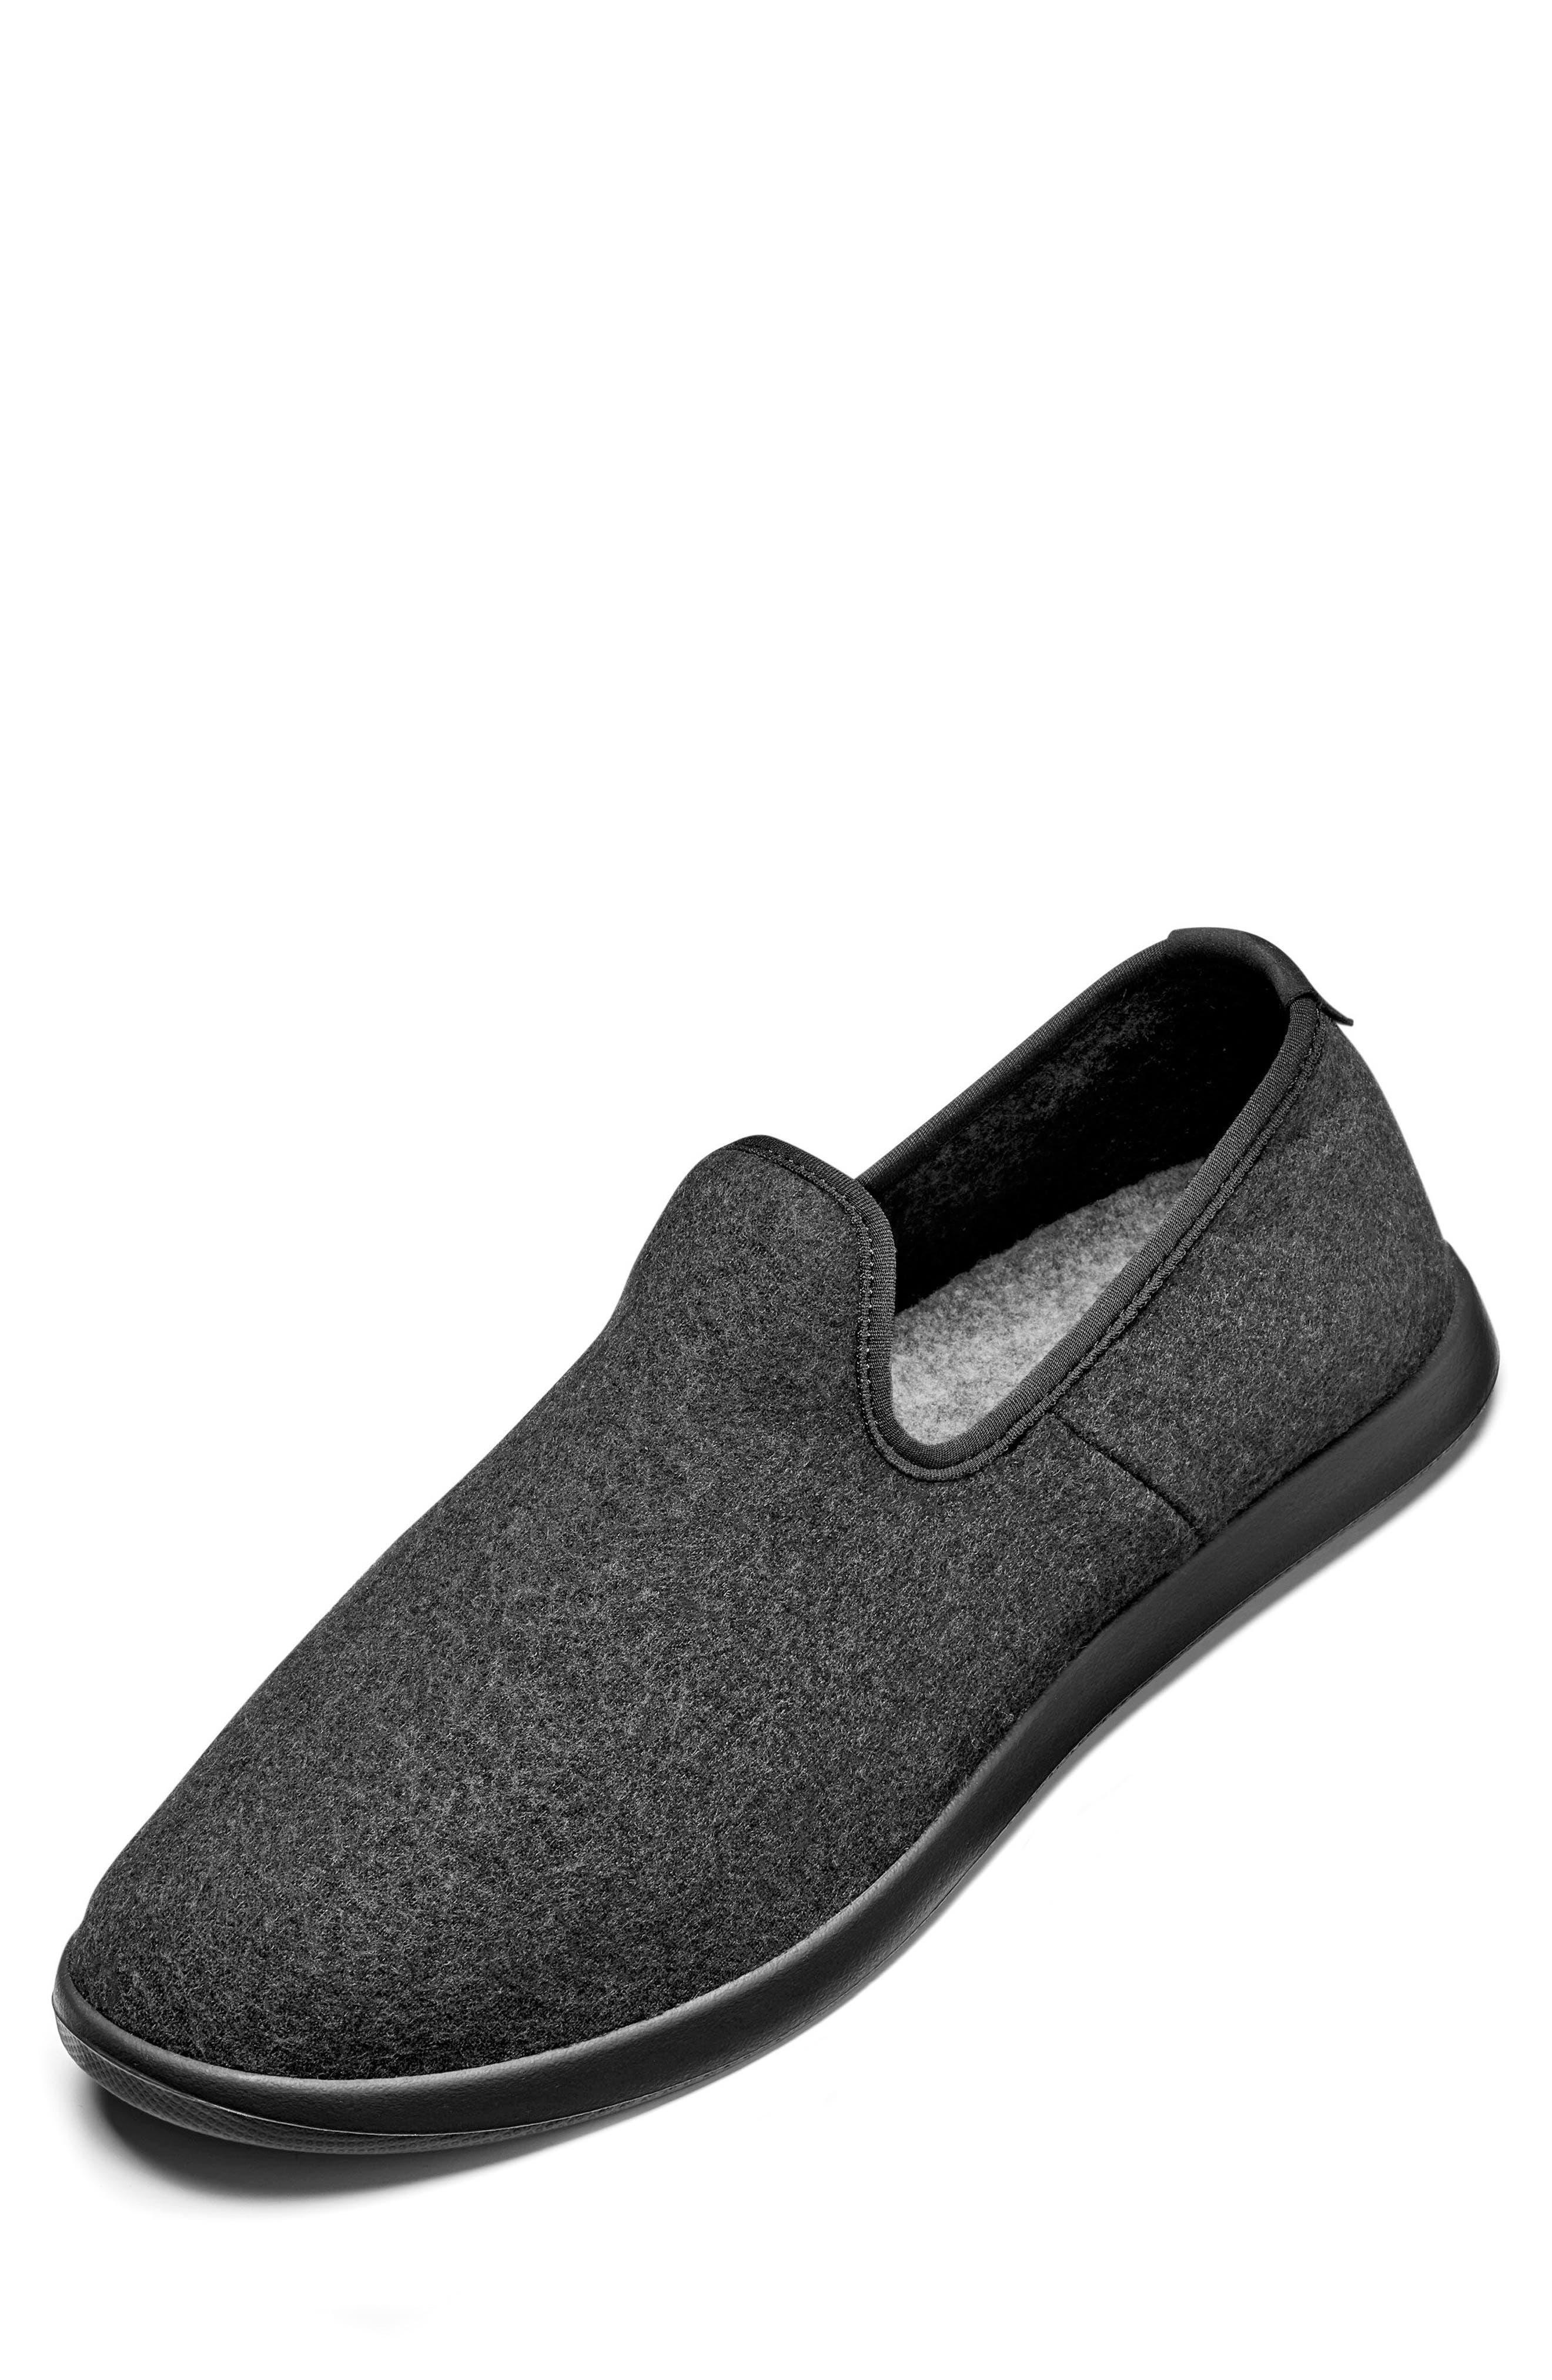 Wool Lounger,                             Main thumbnail 1, color,                             Natural Black